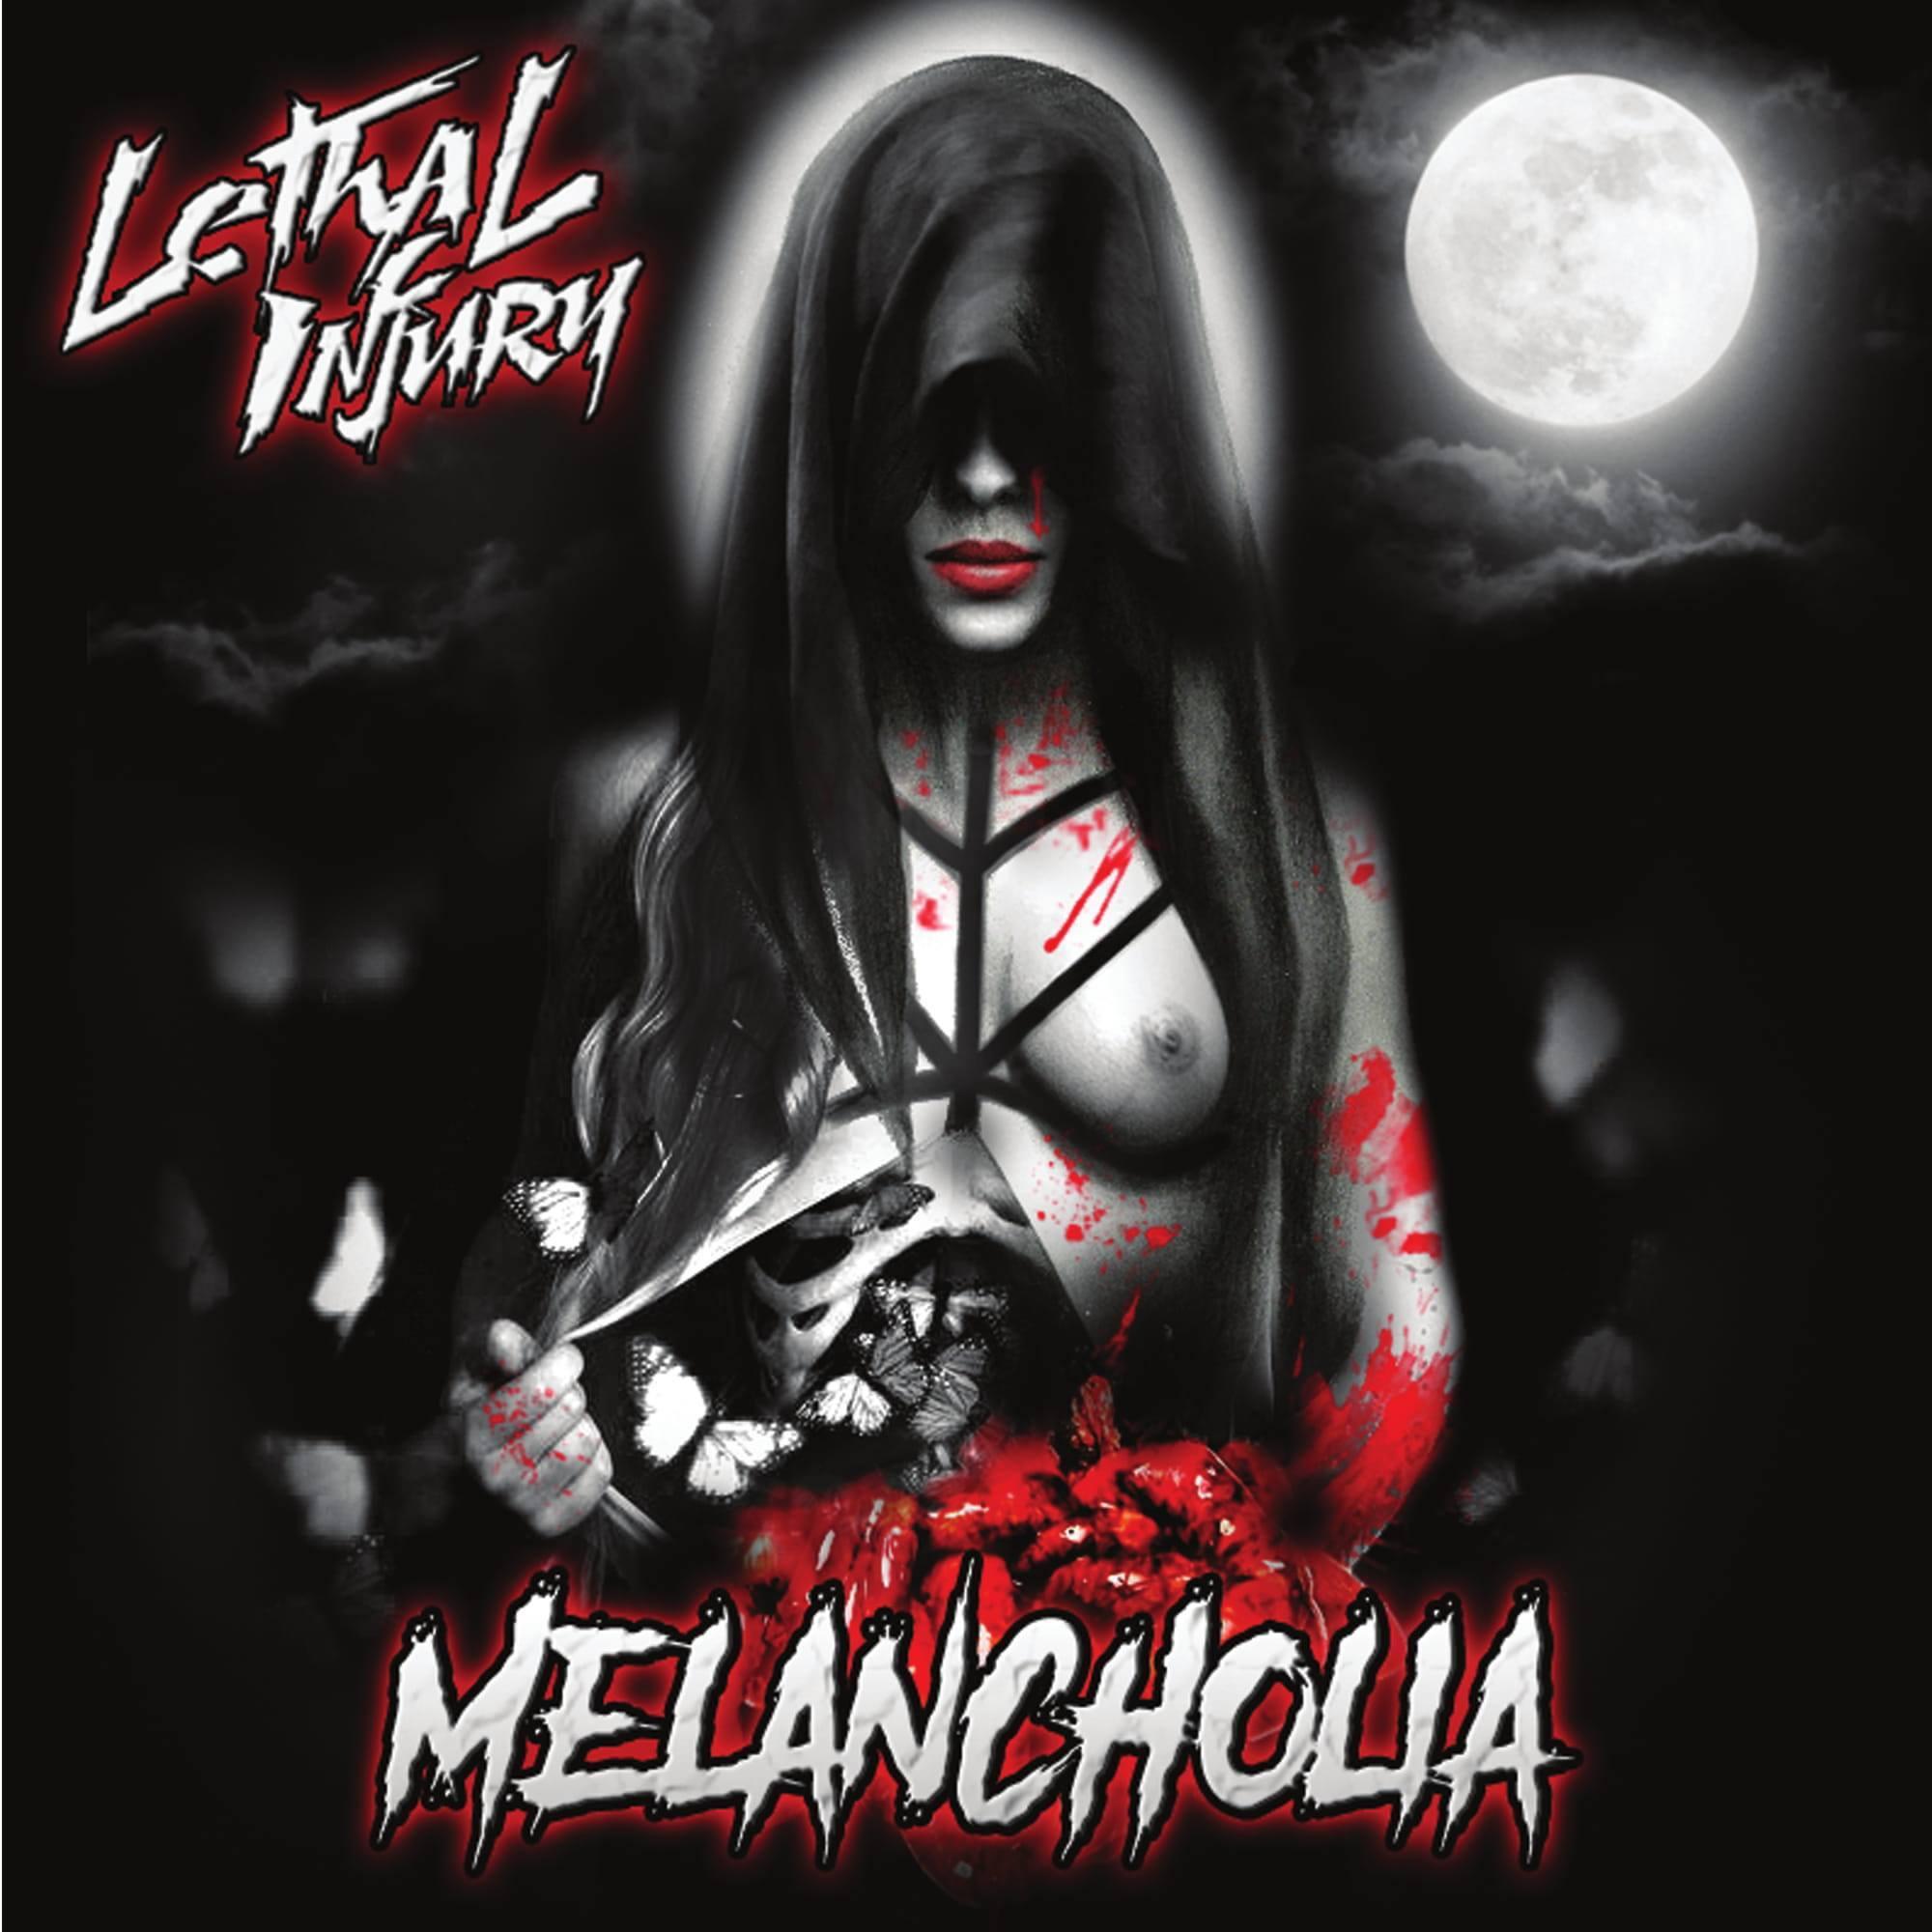 Lethal Injury – Melancholia